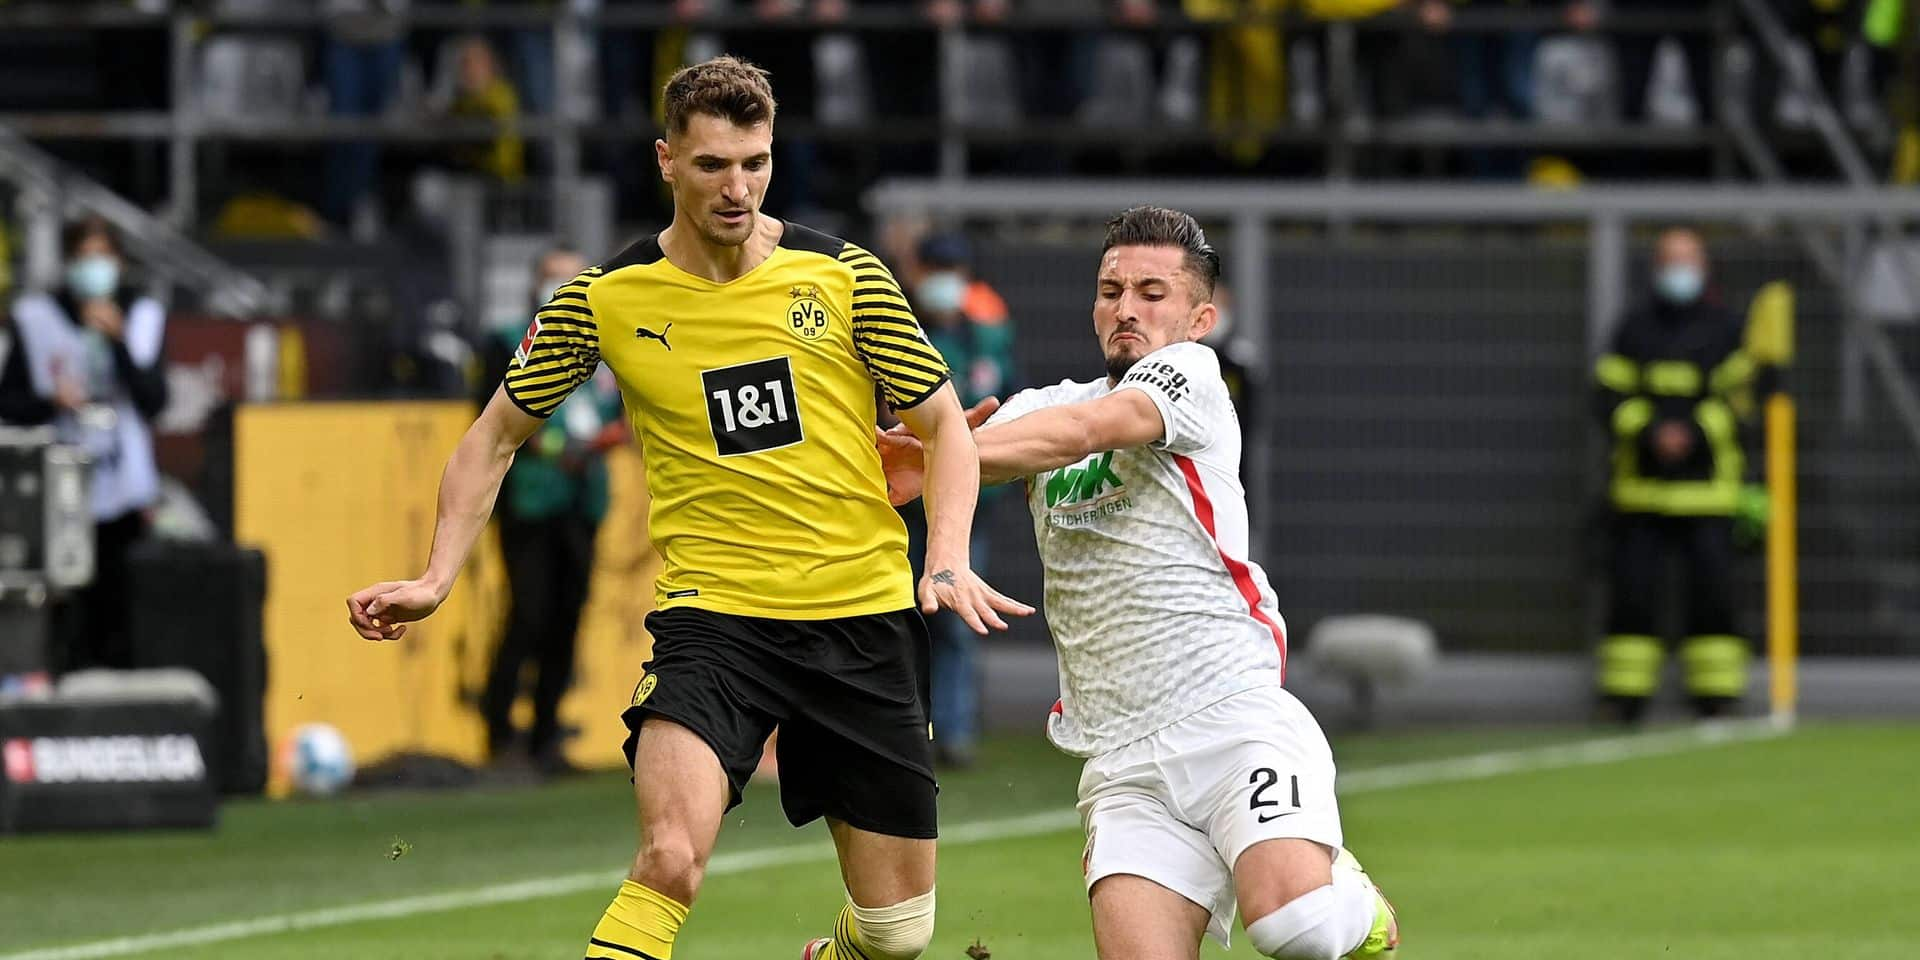 Dortmund, Signal Iduna Park, 02.10.21, GER, Herren, 1.Bundesliga, Saison 2021-2022, Borussia Dortmund - FC Augsburg Bil